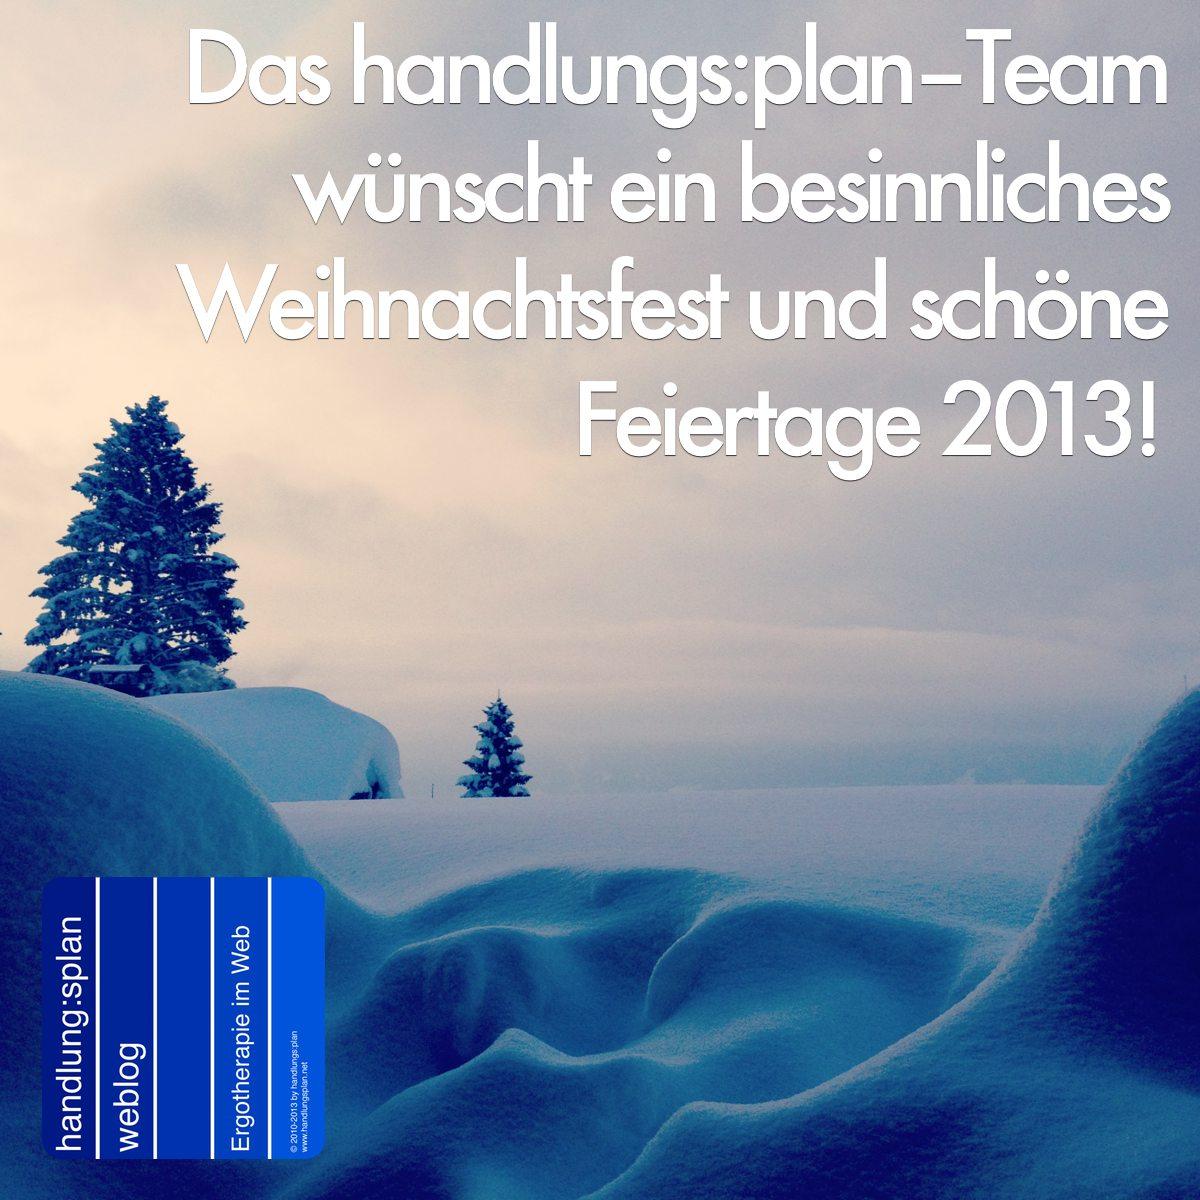 Weihnachtswünsche 2013